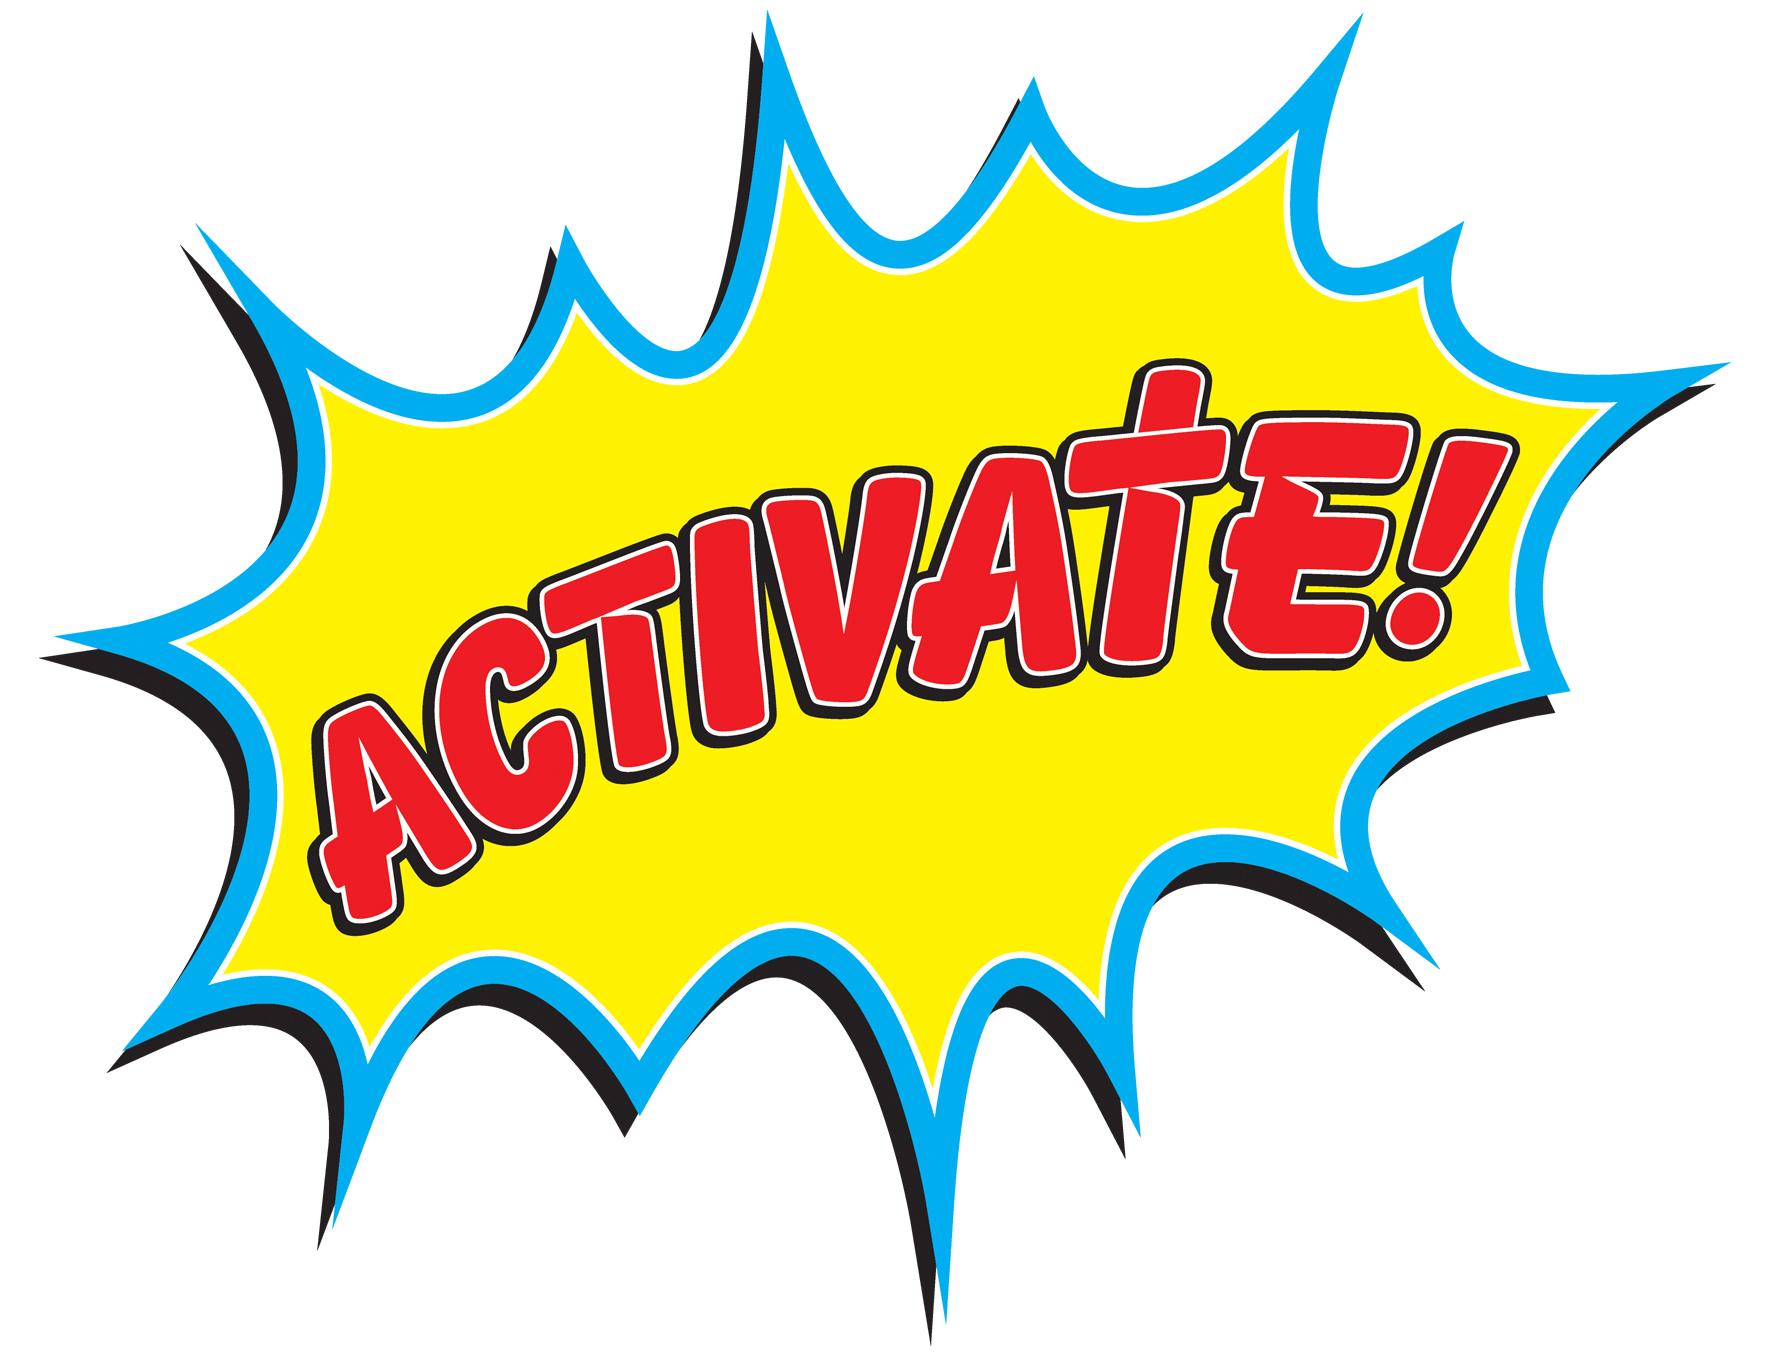 activate iphone 脱獄 不要 ifttt 便利な組み合わせを紹介